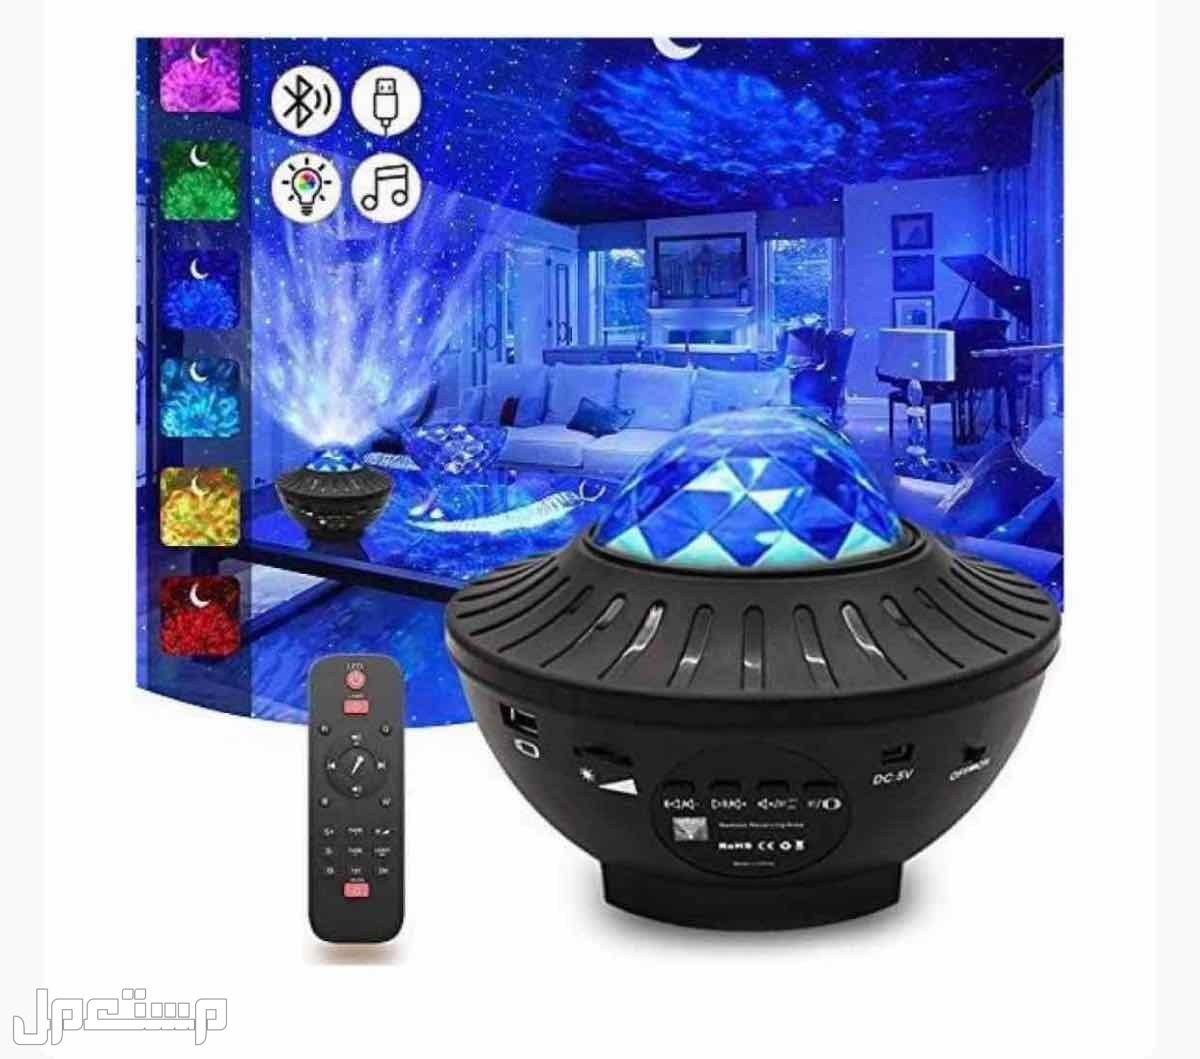 جهاز عرض ليزر بنجوم الليل مع مكبر صوت مدمج